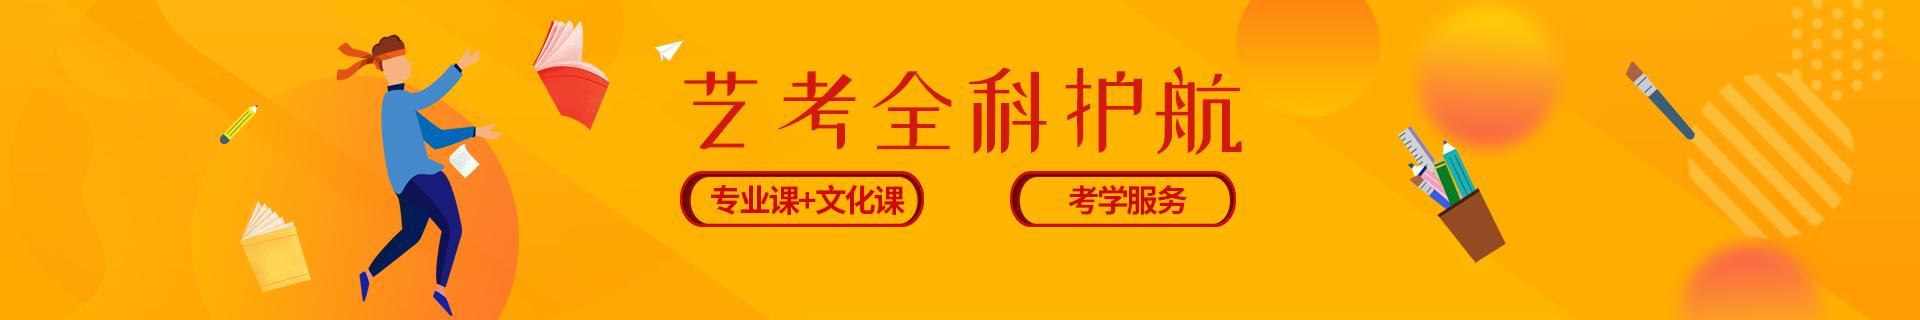 重庆沙坪坝英豪优教辅导机构